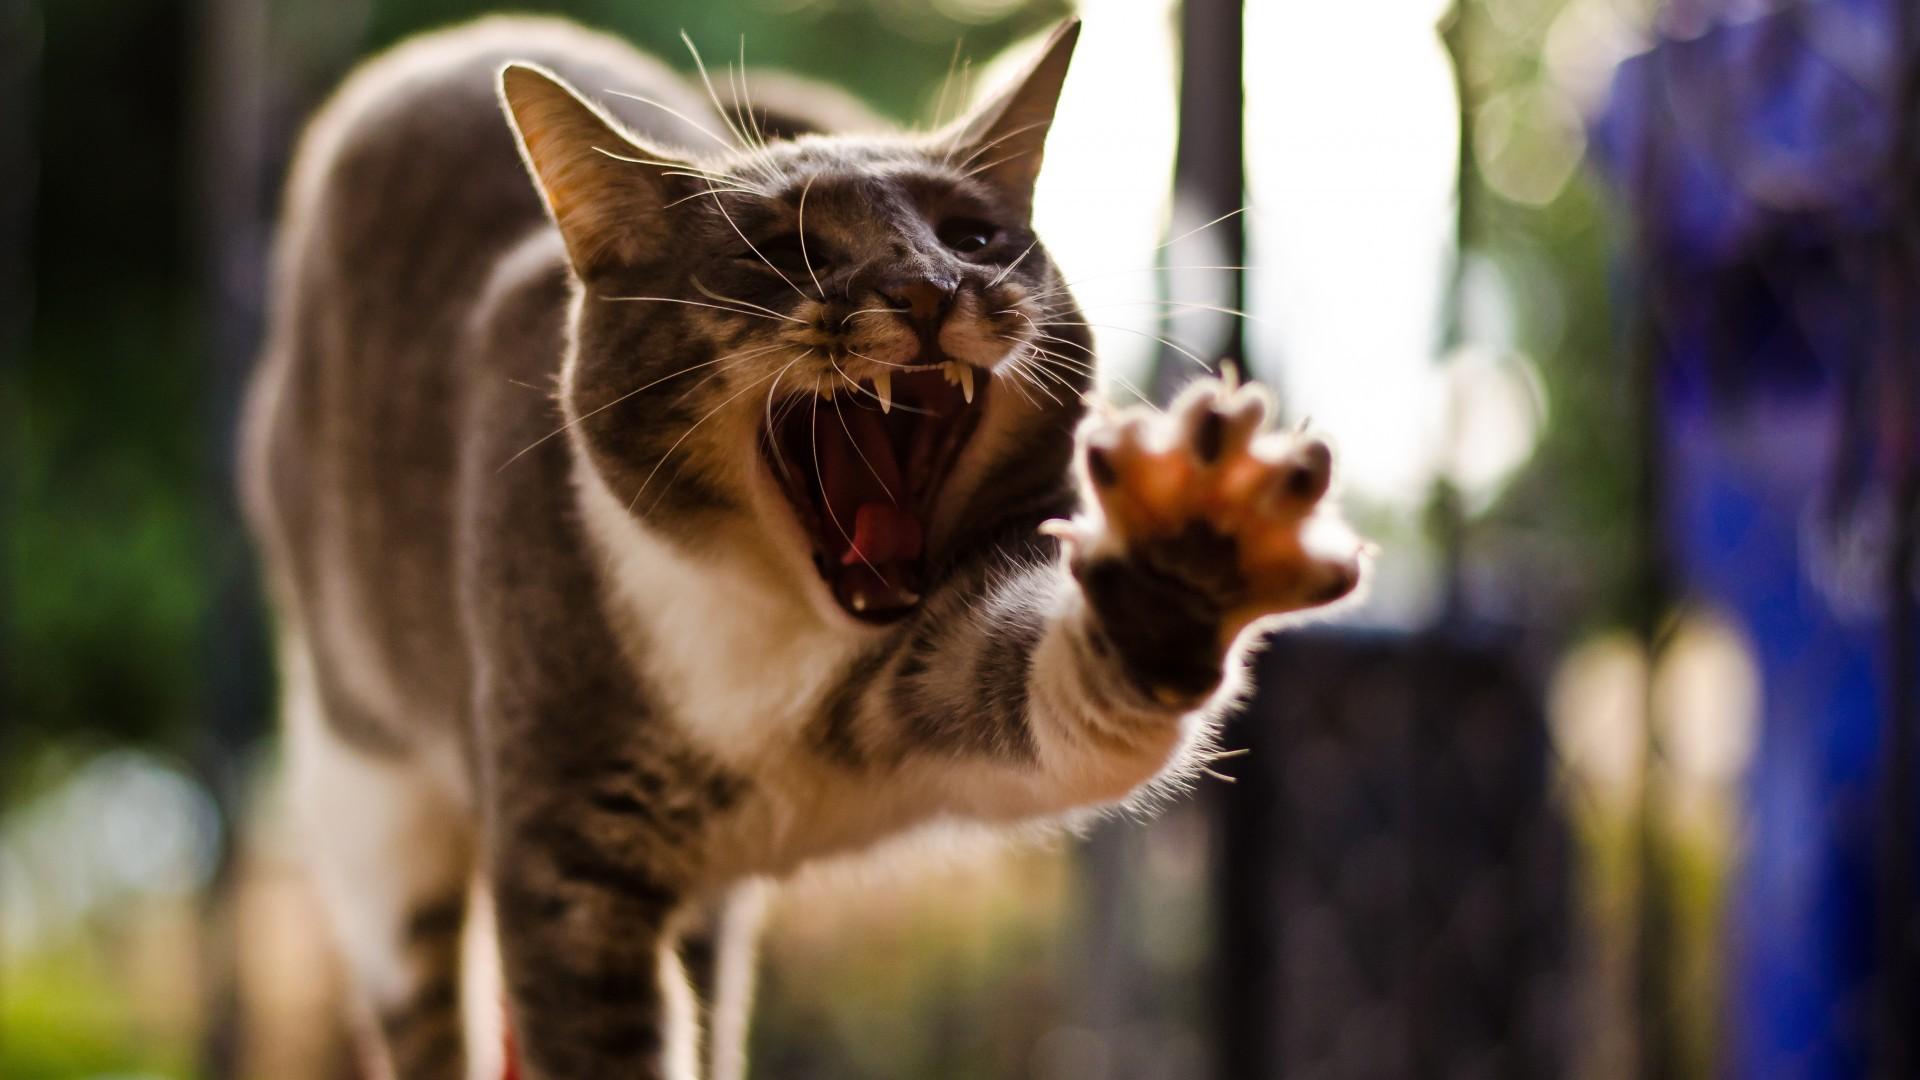 Kedi neden ağızdan kokar: sorunun nedenleri ve çözümü